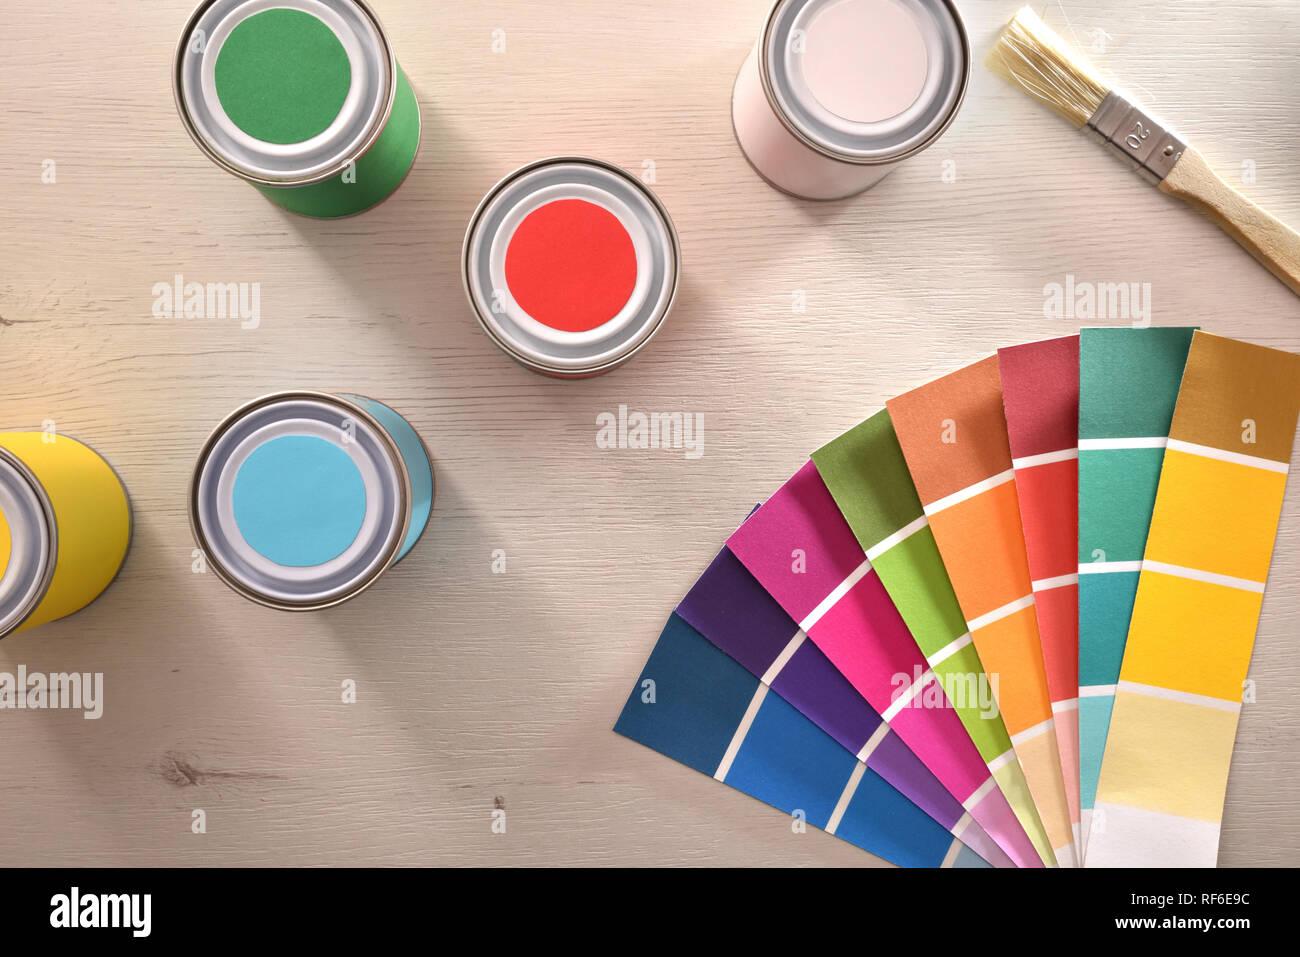 Les peintures de couleur et la palette sur le tableau blanc pour la rénovation des matériaux. Vue d'en haut. Composition horizontale. Banque D'Images